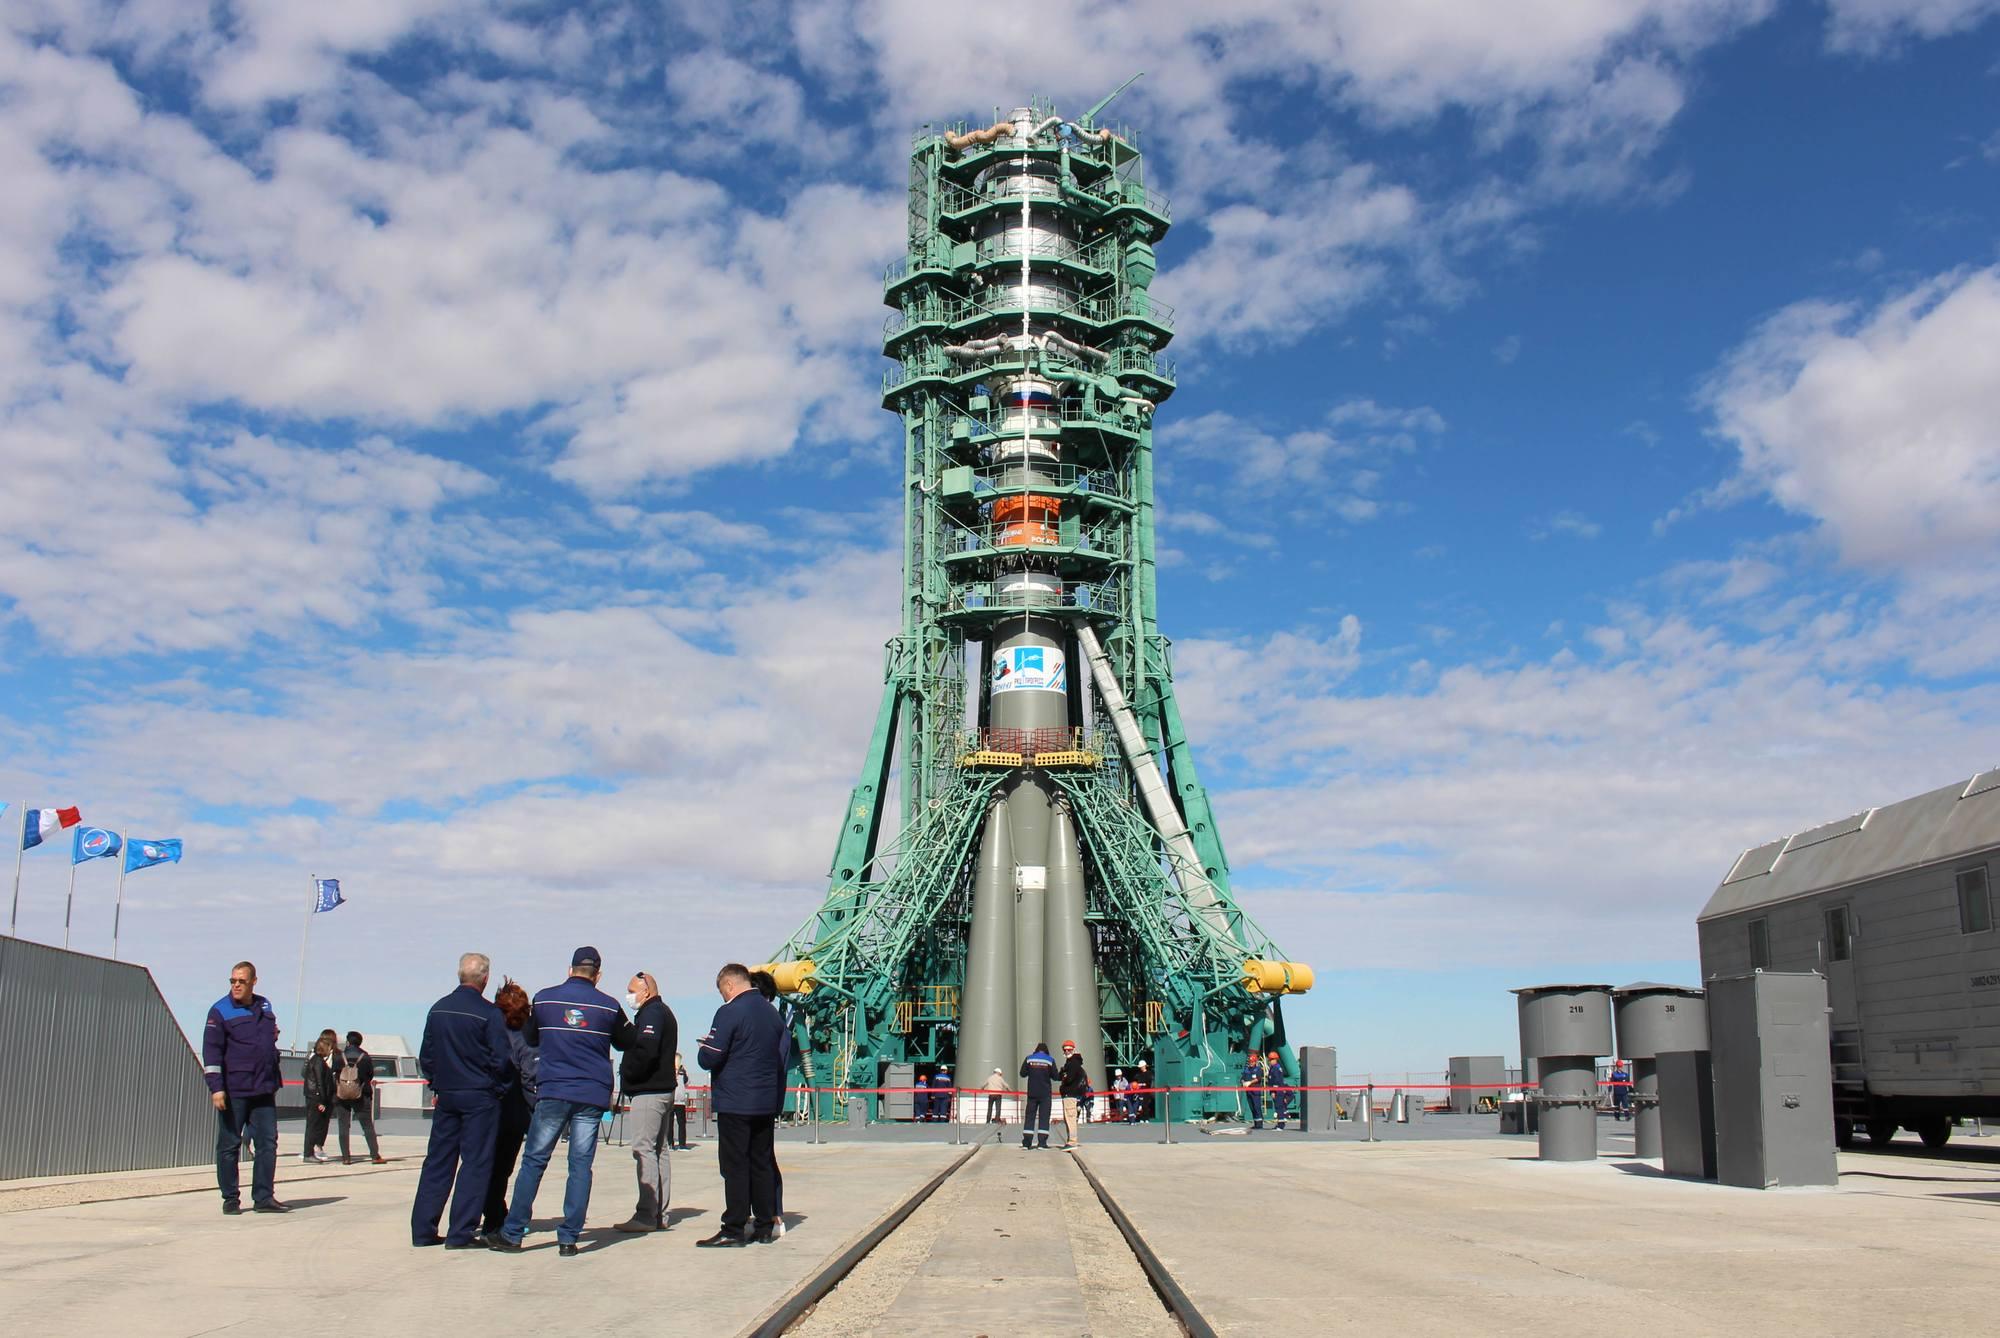 La tour de service entoure le lanceur.